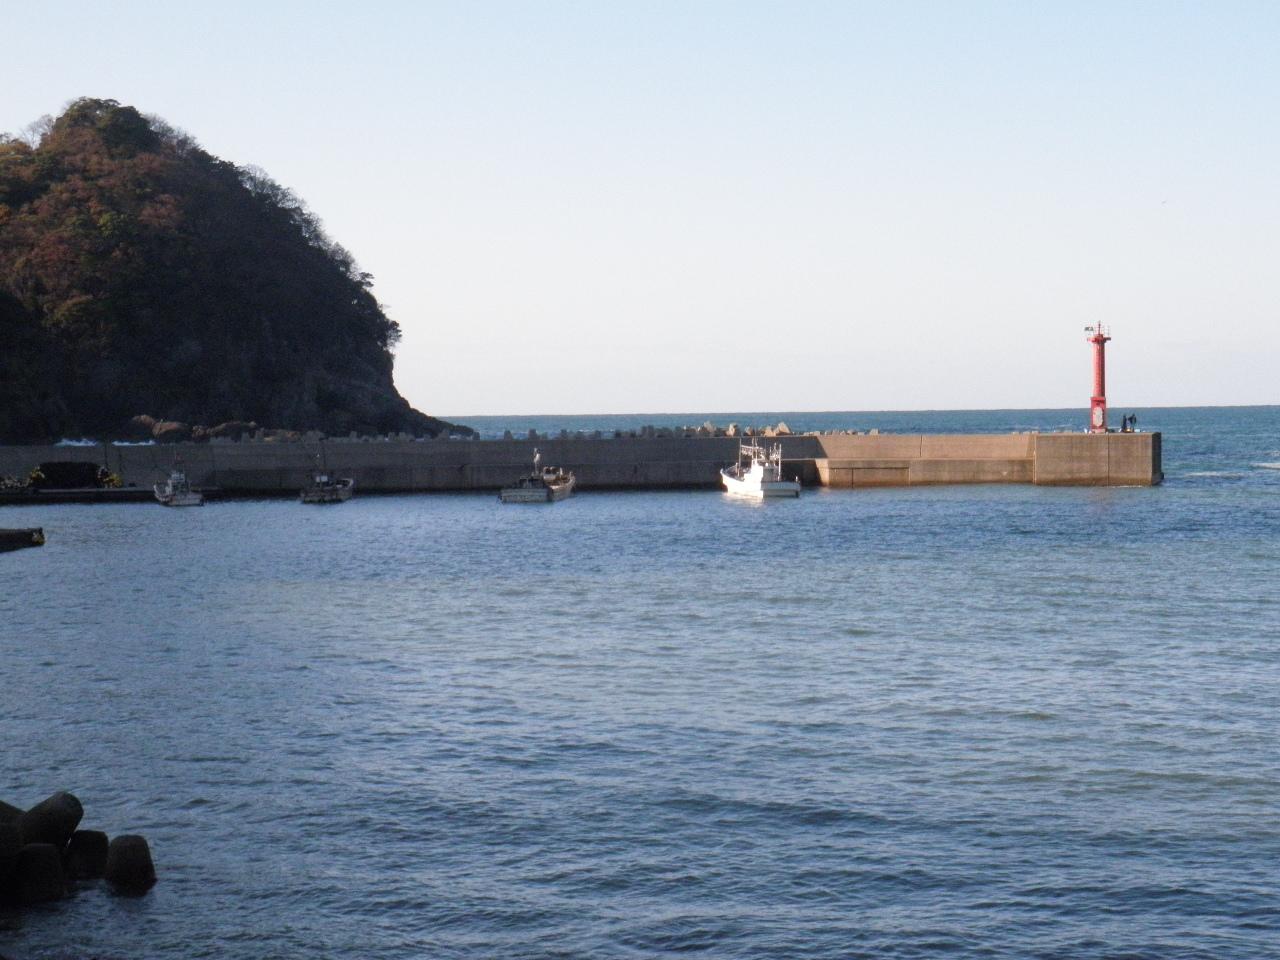 香住余部港赤灯台、水深もあり、チヌ、グレ、イシダイ、マダイと外海がシケたときに入り込むようです。先端は狭く2,3人ほどしか入れない。釣り人もよく知っておられ、釣り人の絶え間のない場所です。サビキ、ルアー釣りの人が多いですね。